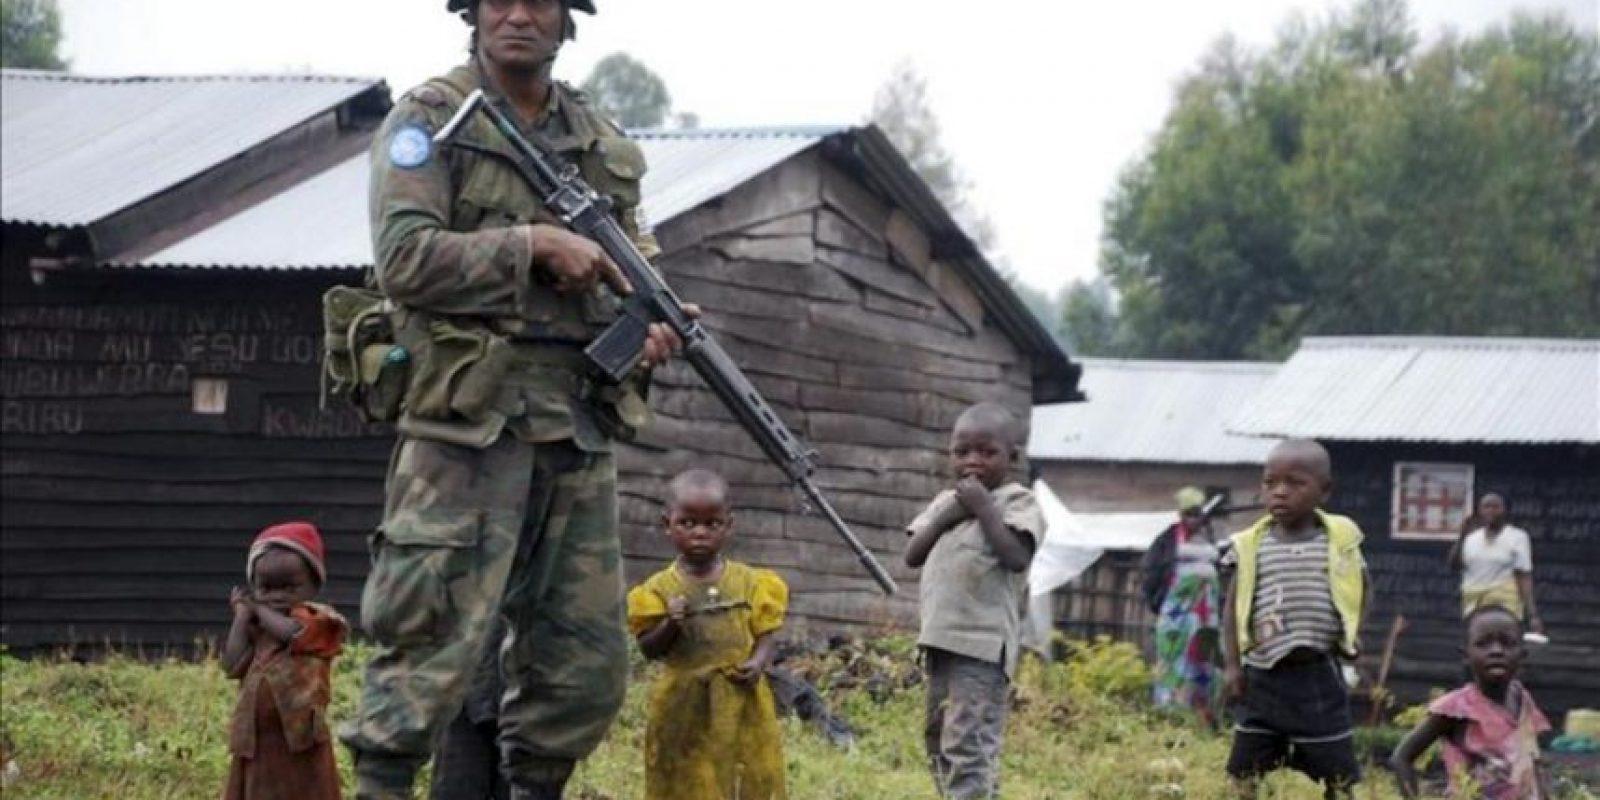 Un soldado de las fuerzas de las Naciones Unidas y un grupo de refugiados desplazados debido a los enfrentamientos entre las fuerzas gubernamentales y los rebeldes M23, desertores del ejercito del DRC, cerca de la capital provincial de Goma, en la República Democrática del Congo. EFE/Archivo